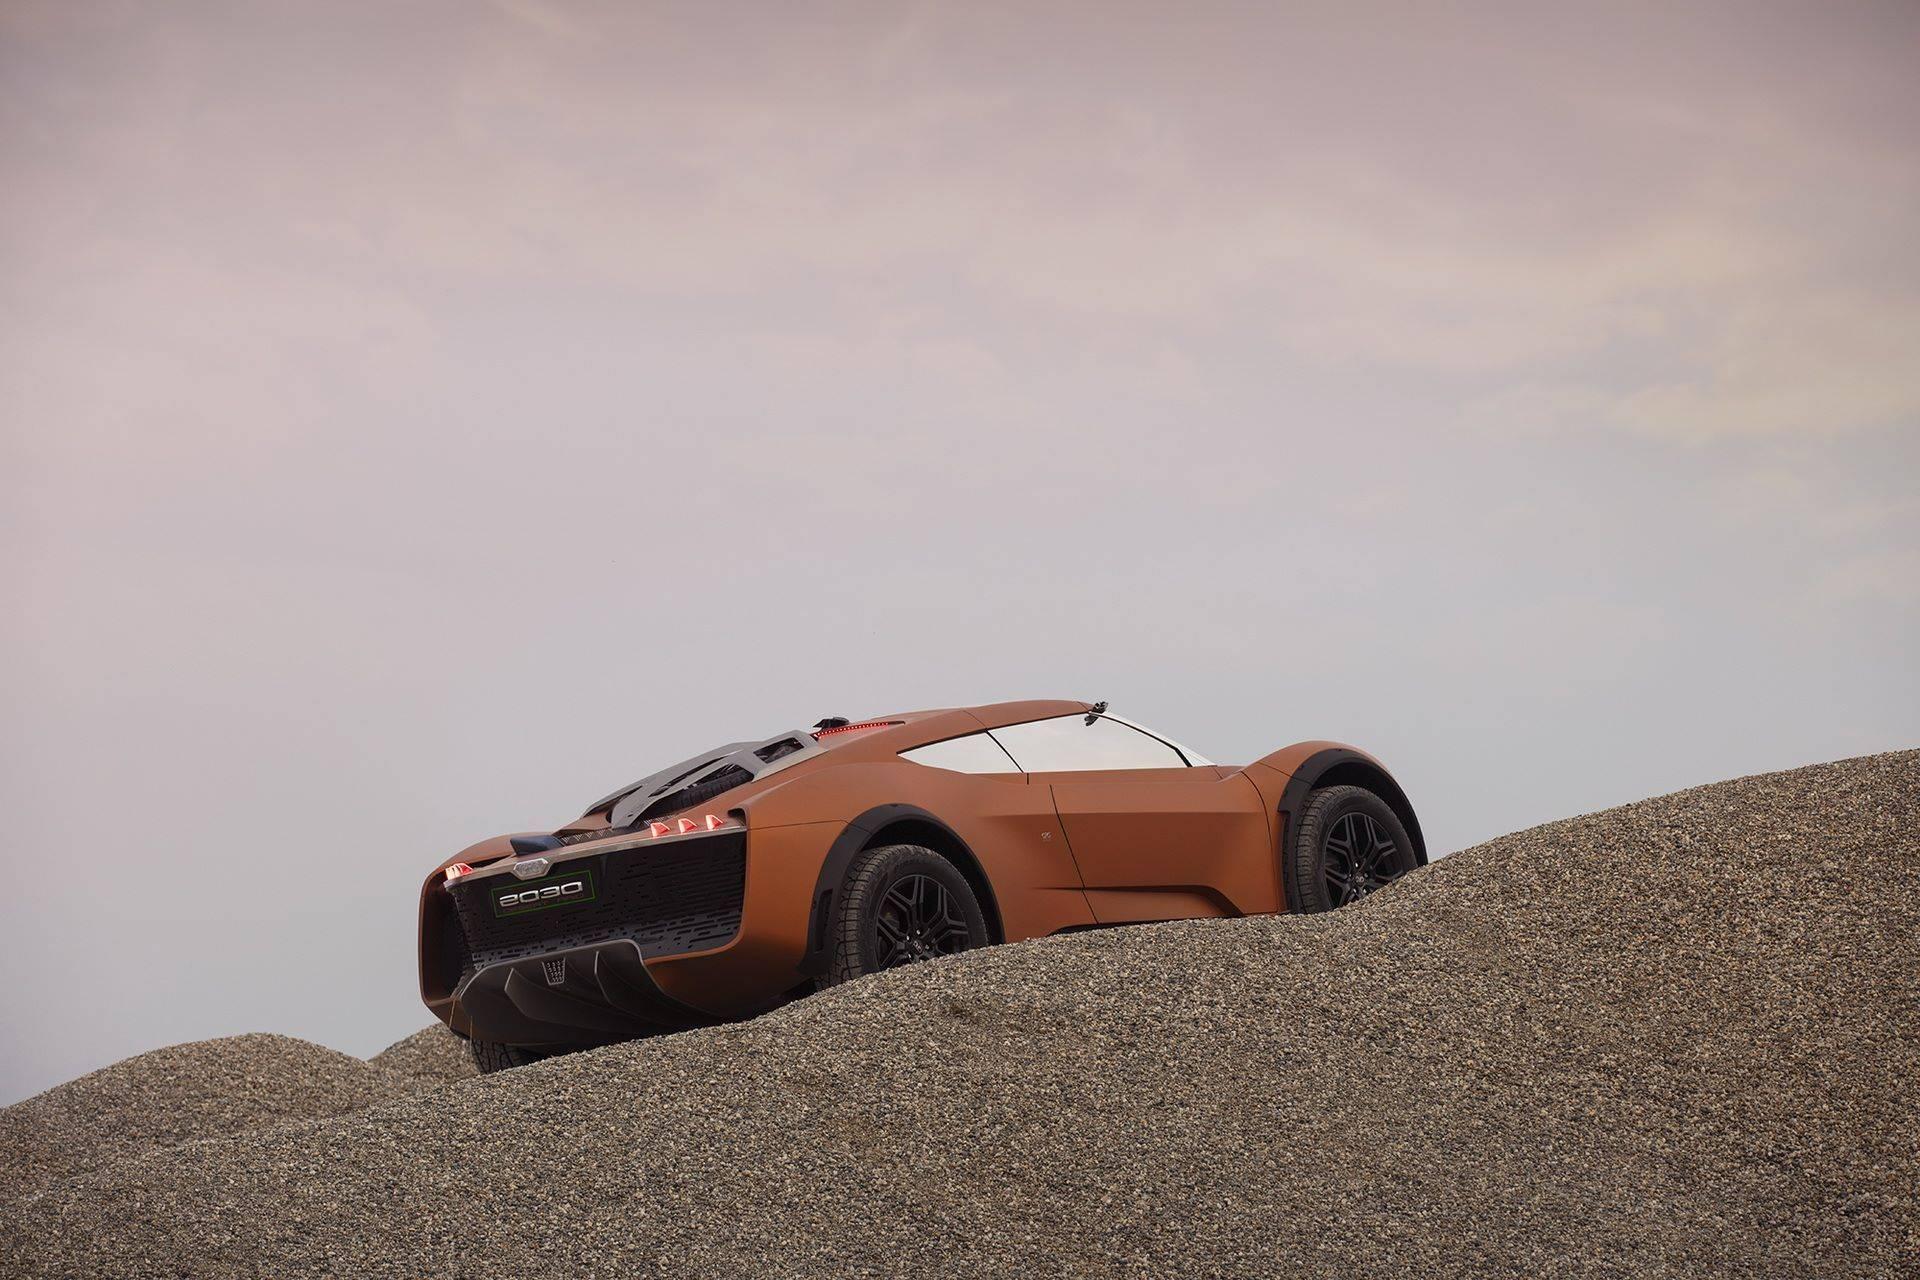 gfg-style-vision-2030-desert-raid-12